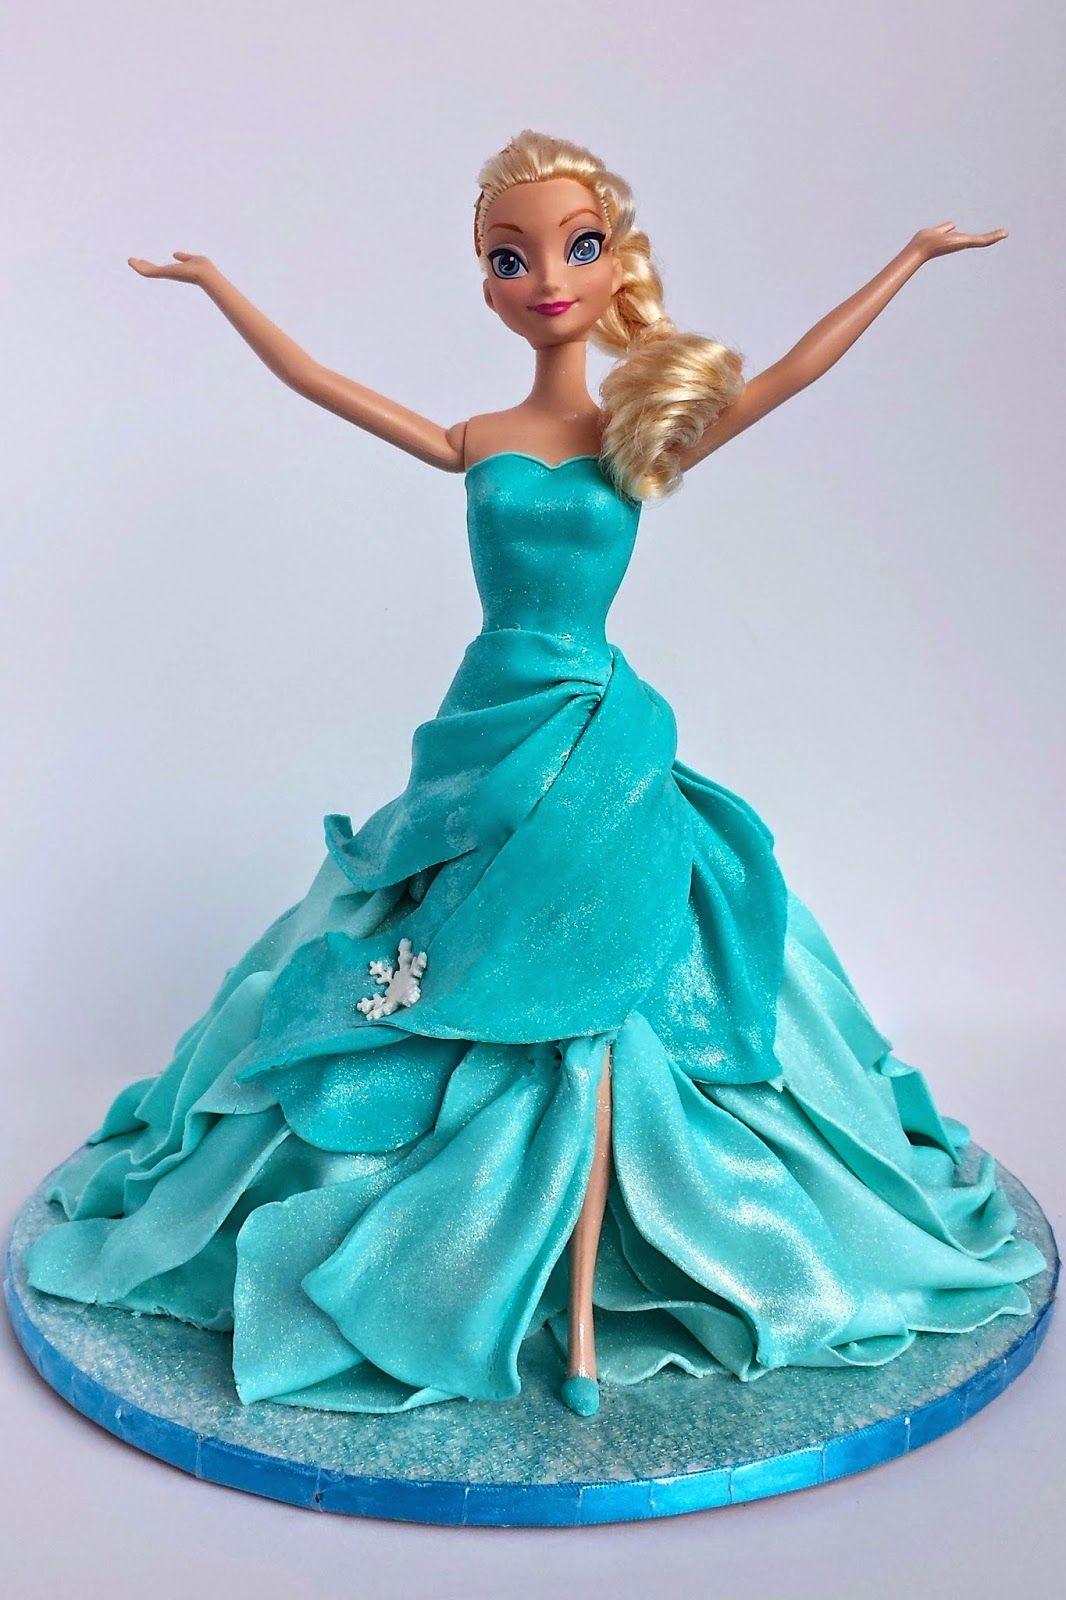 un gteau elsa en tuto cake blog elsa doll cake tutorial gteau barbie reine des neigesgteau - Barbie Reine Des Neiges